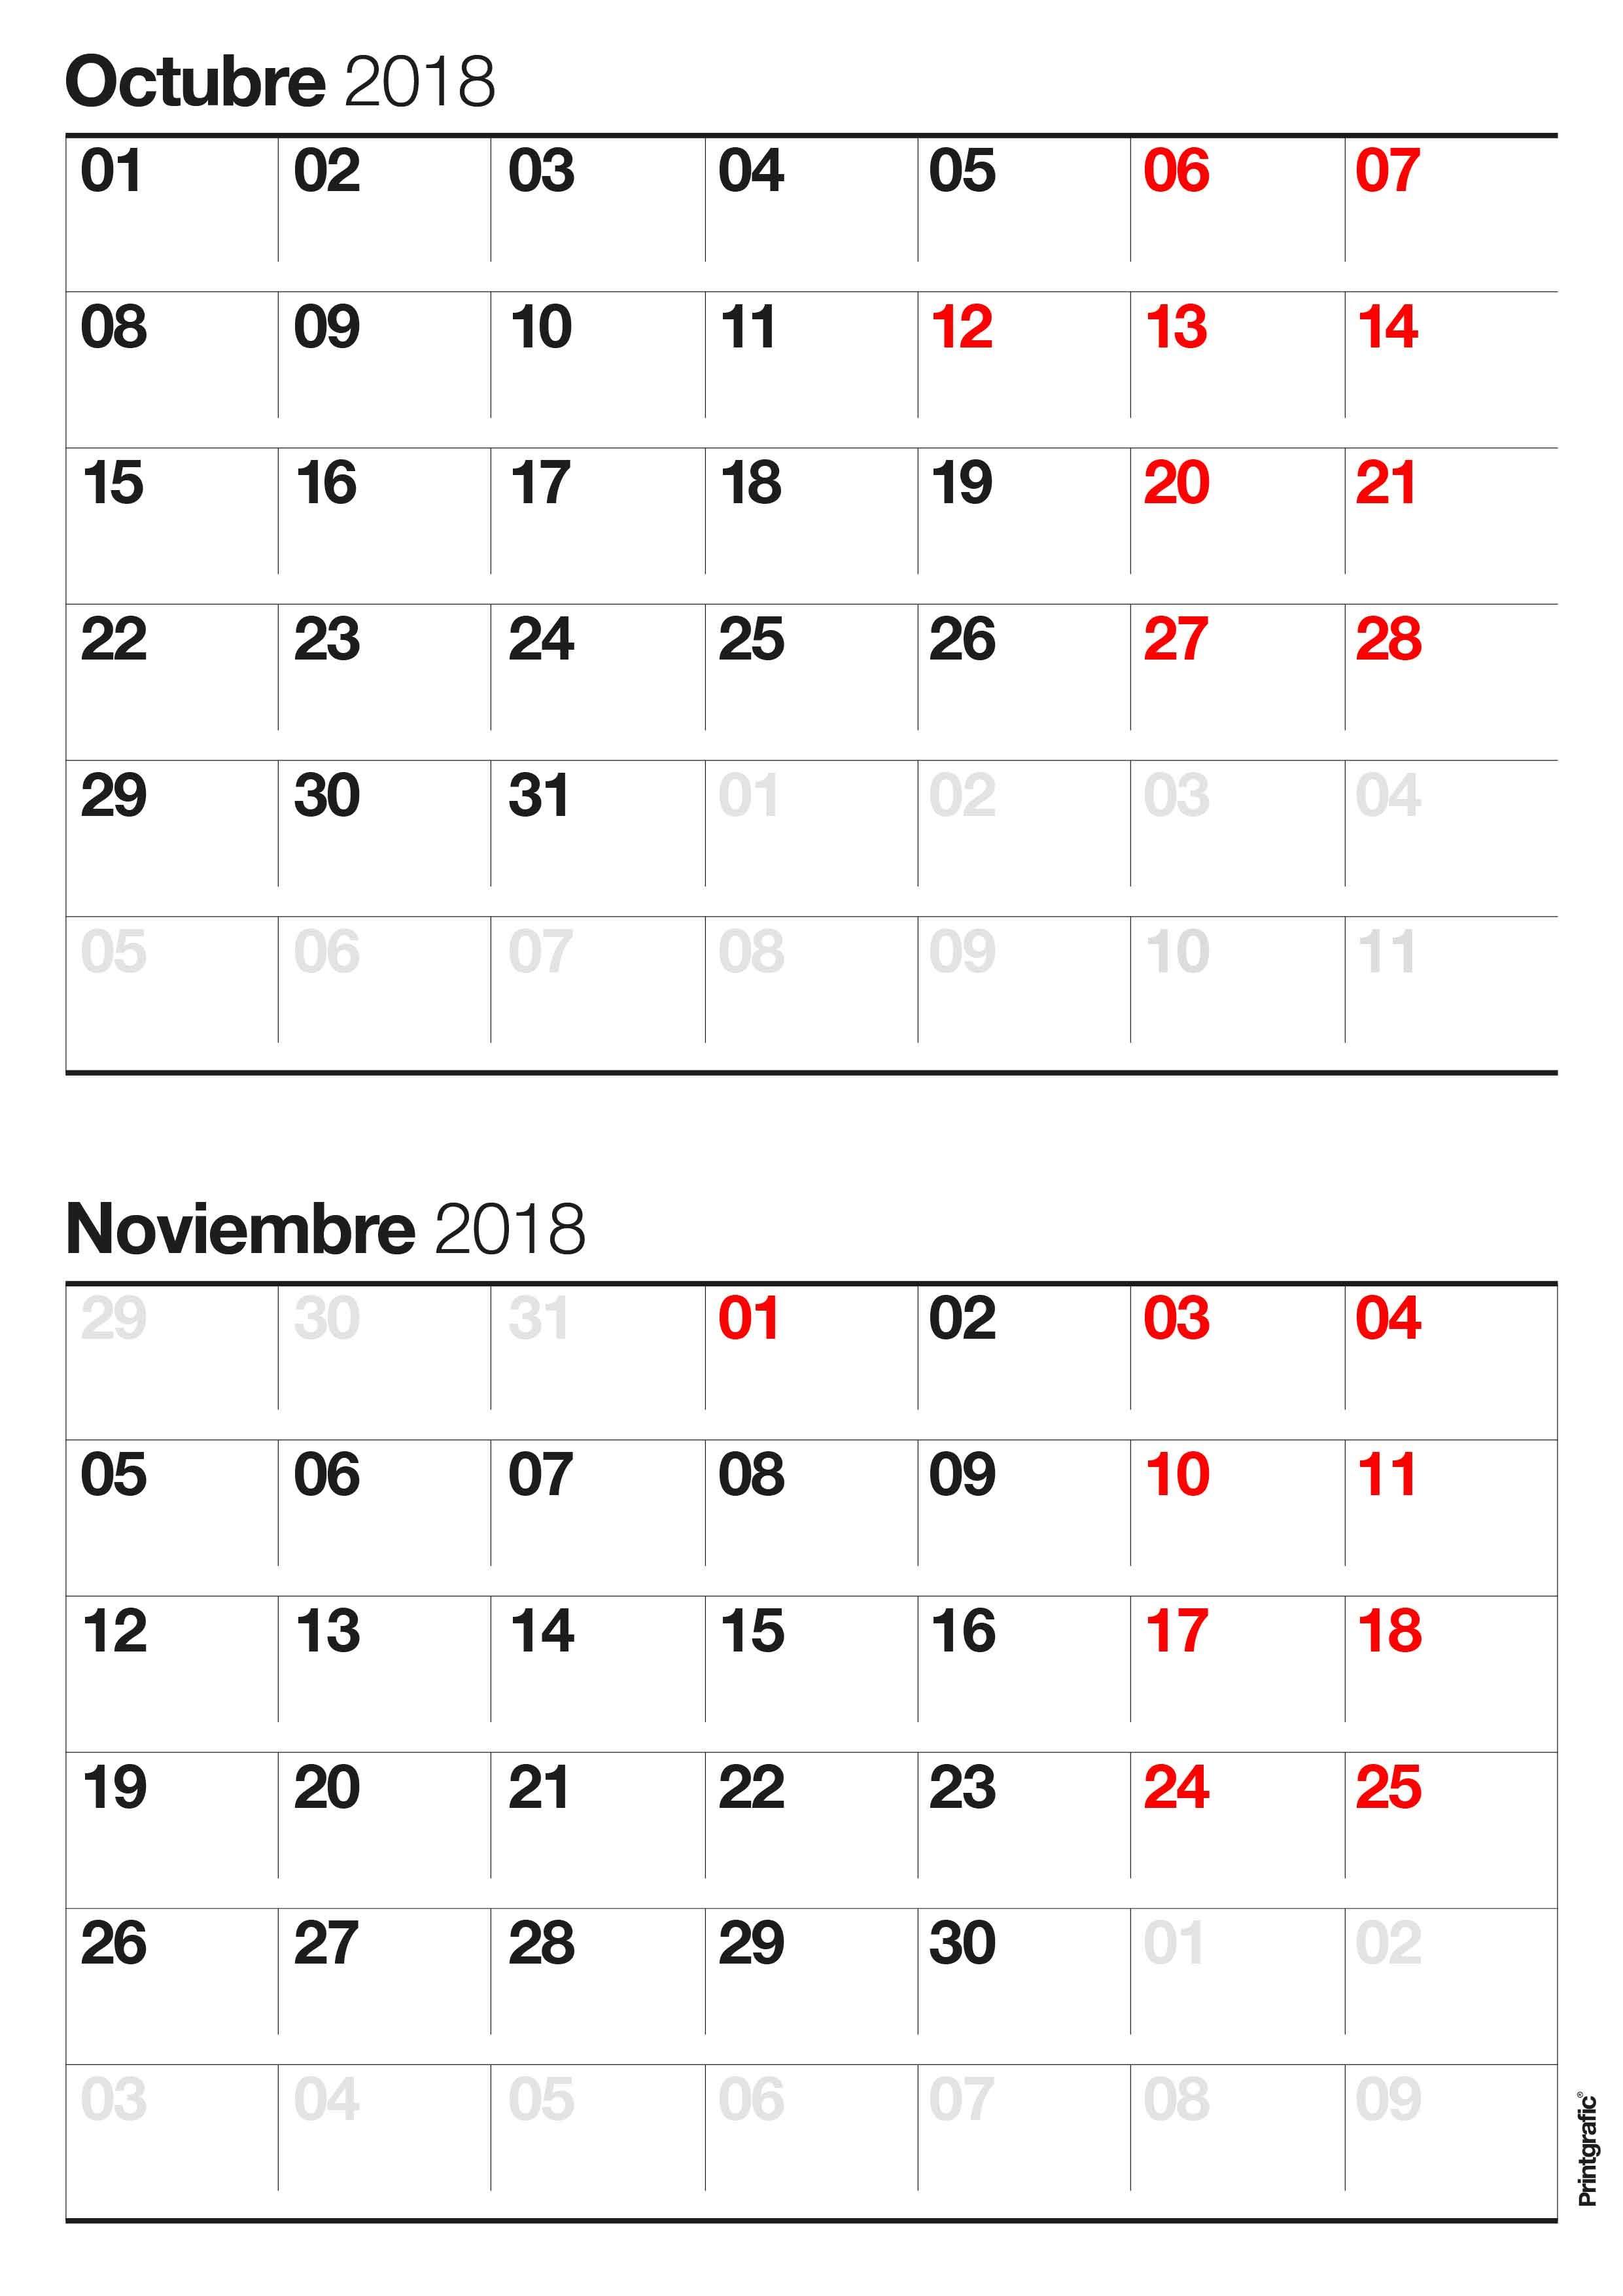 Calendario Octubre 2019 Colombia Actual Imagenes De Calendario Mes De Octubre 2018 A Mes De